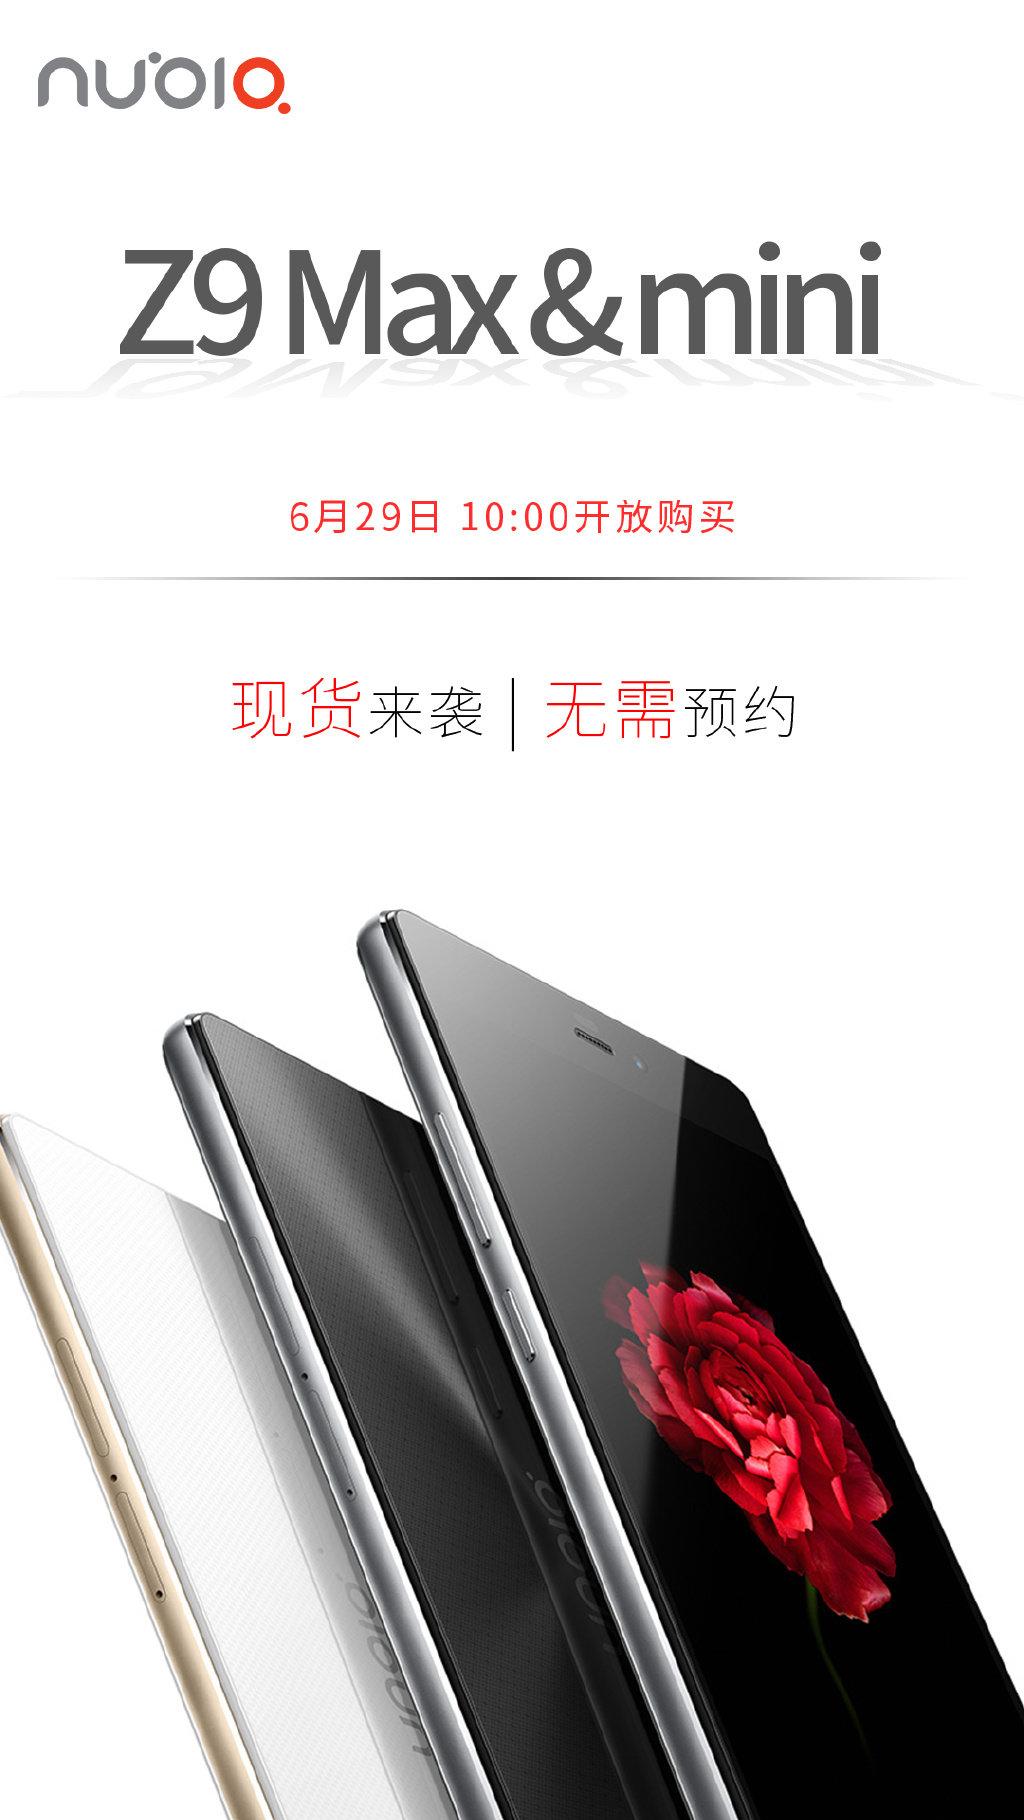 最便宜的骁龙810 努比亚Z9 Max/mini手机现货开售的照片 - 3